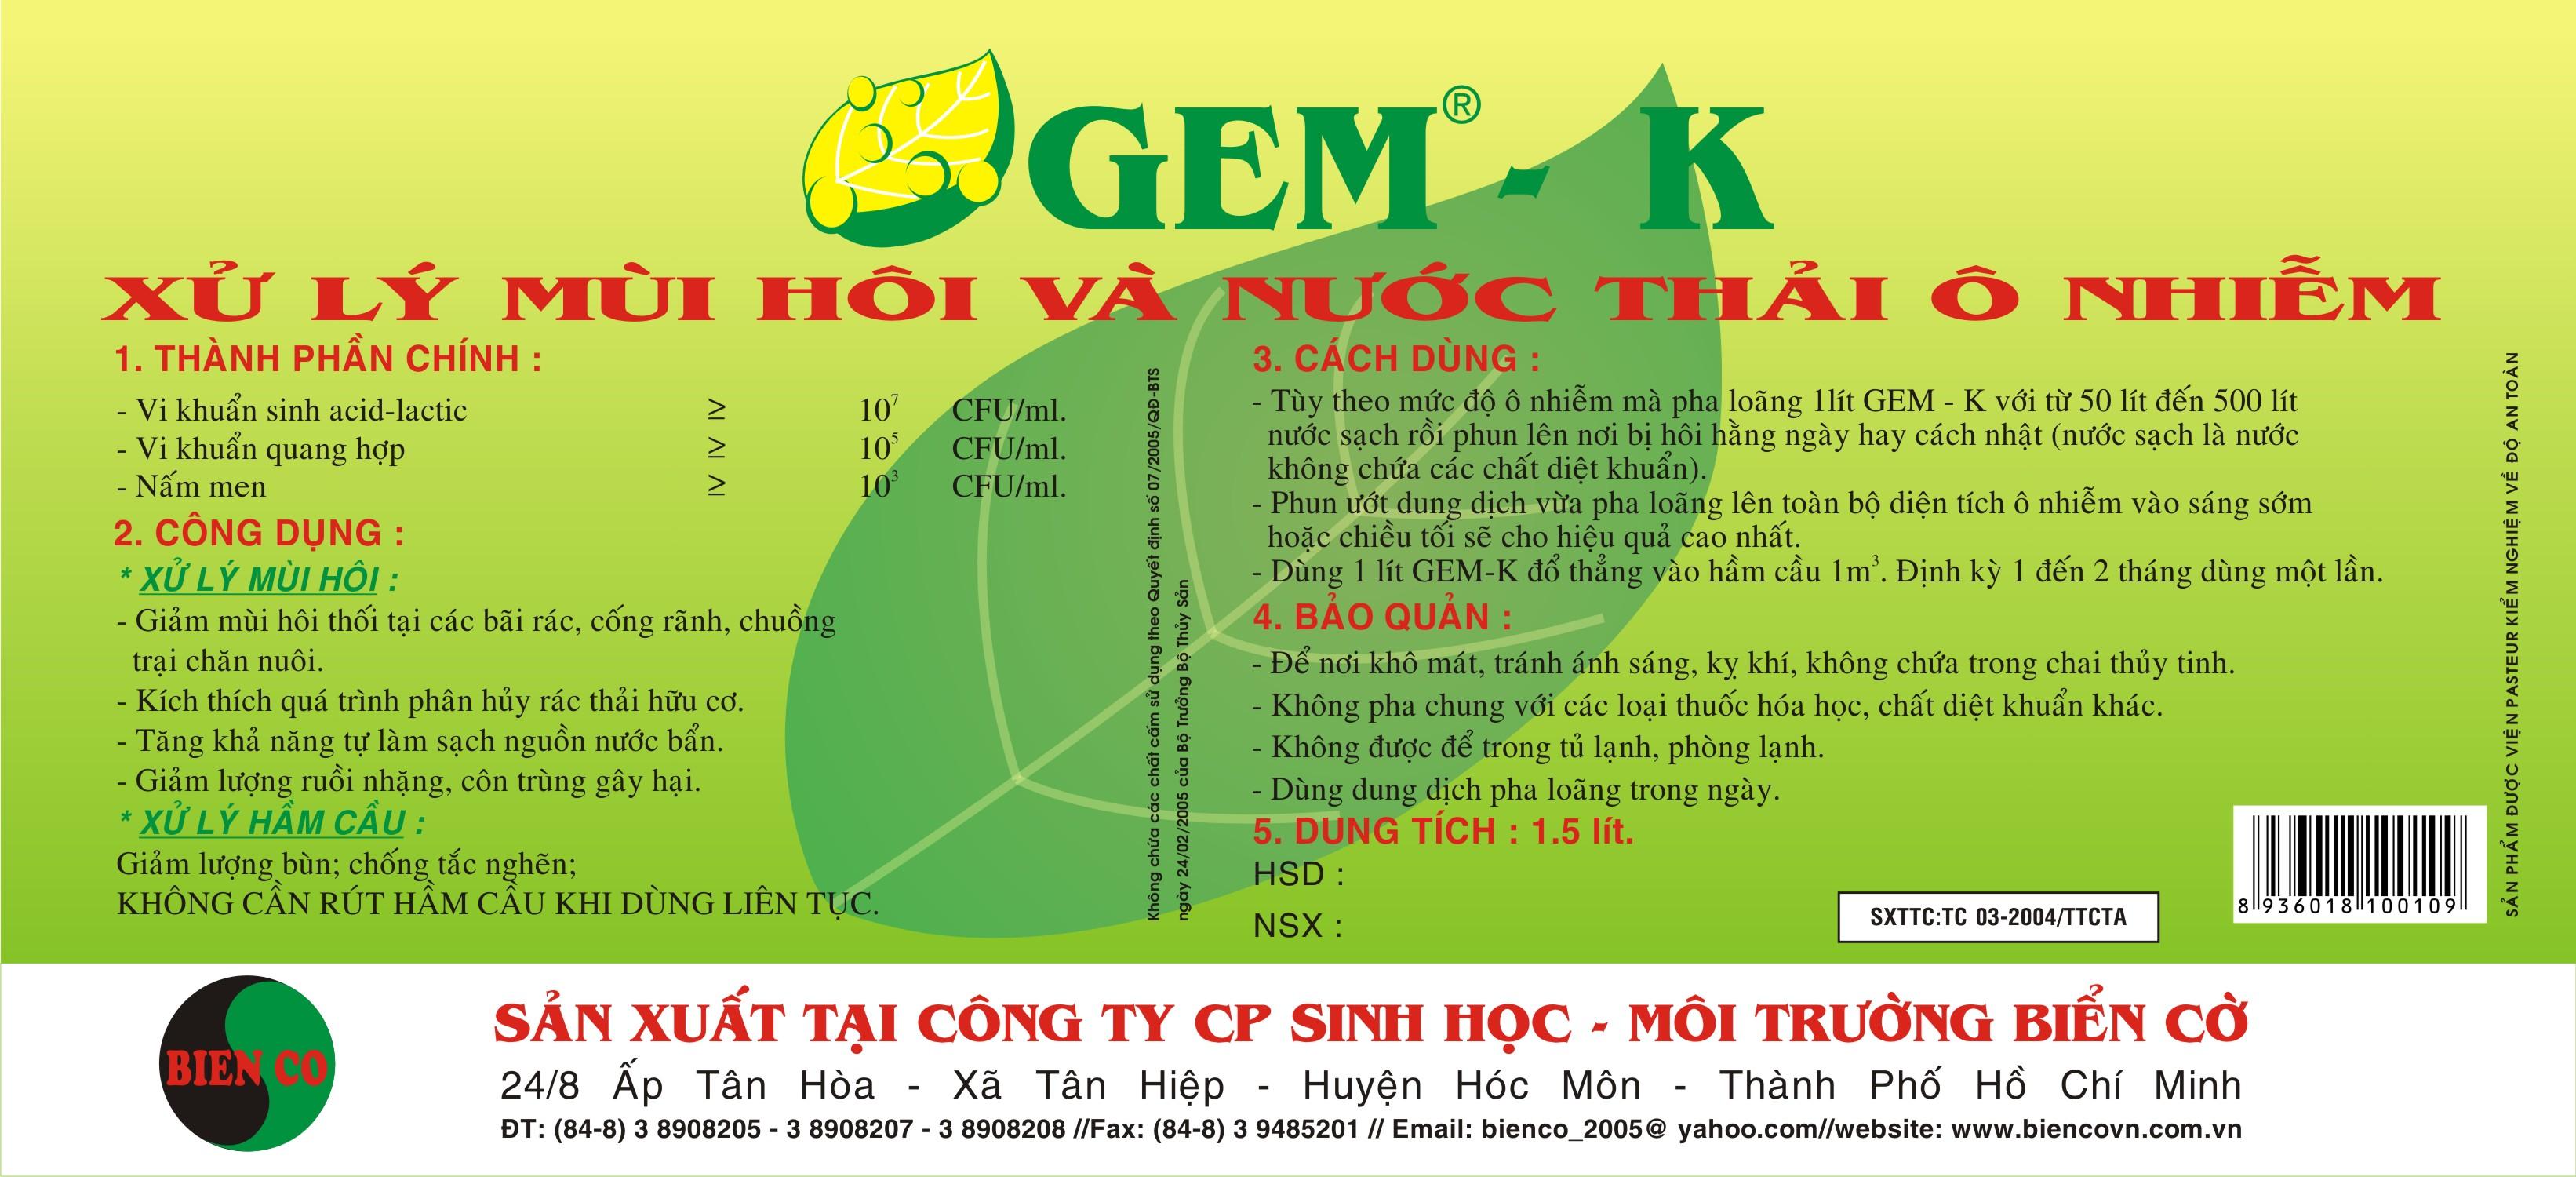 Tem GEM - K